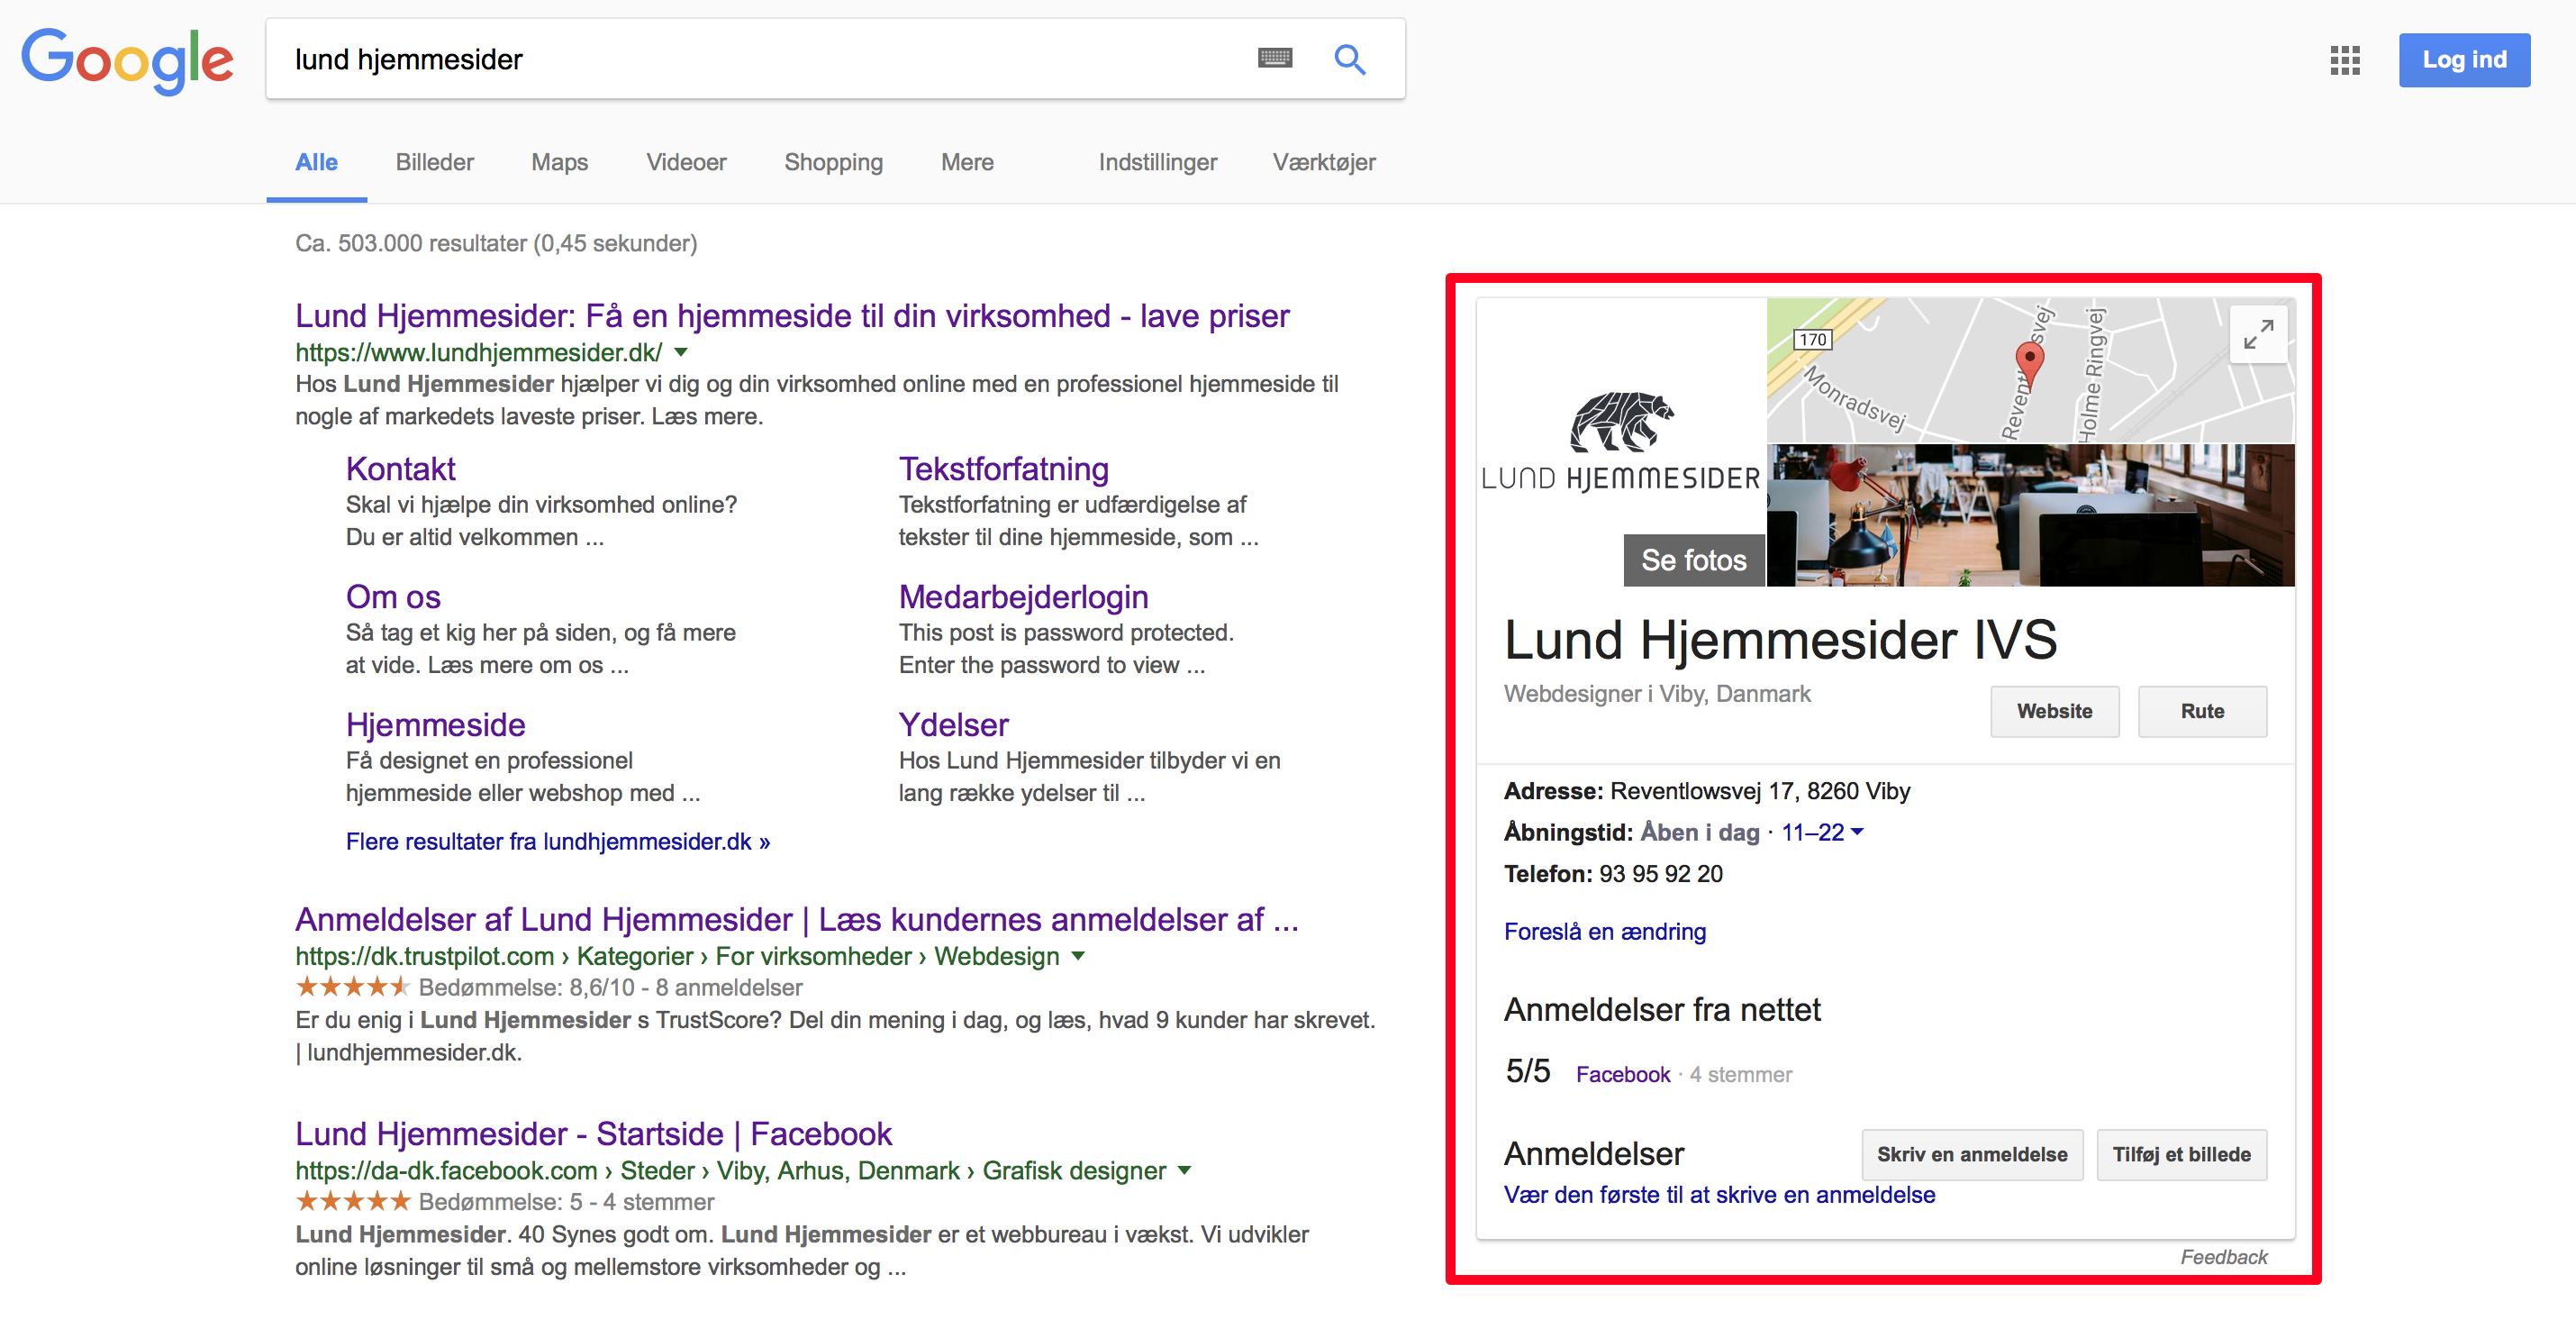 Google My Business er et gratis værktøj fra Google der giver dig mulighed for at vise din virksomhed i preview i søgeresultaterne samt komme på Google Maps, så det er let for dine kunder at finde din forretning.